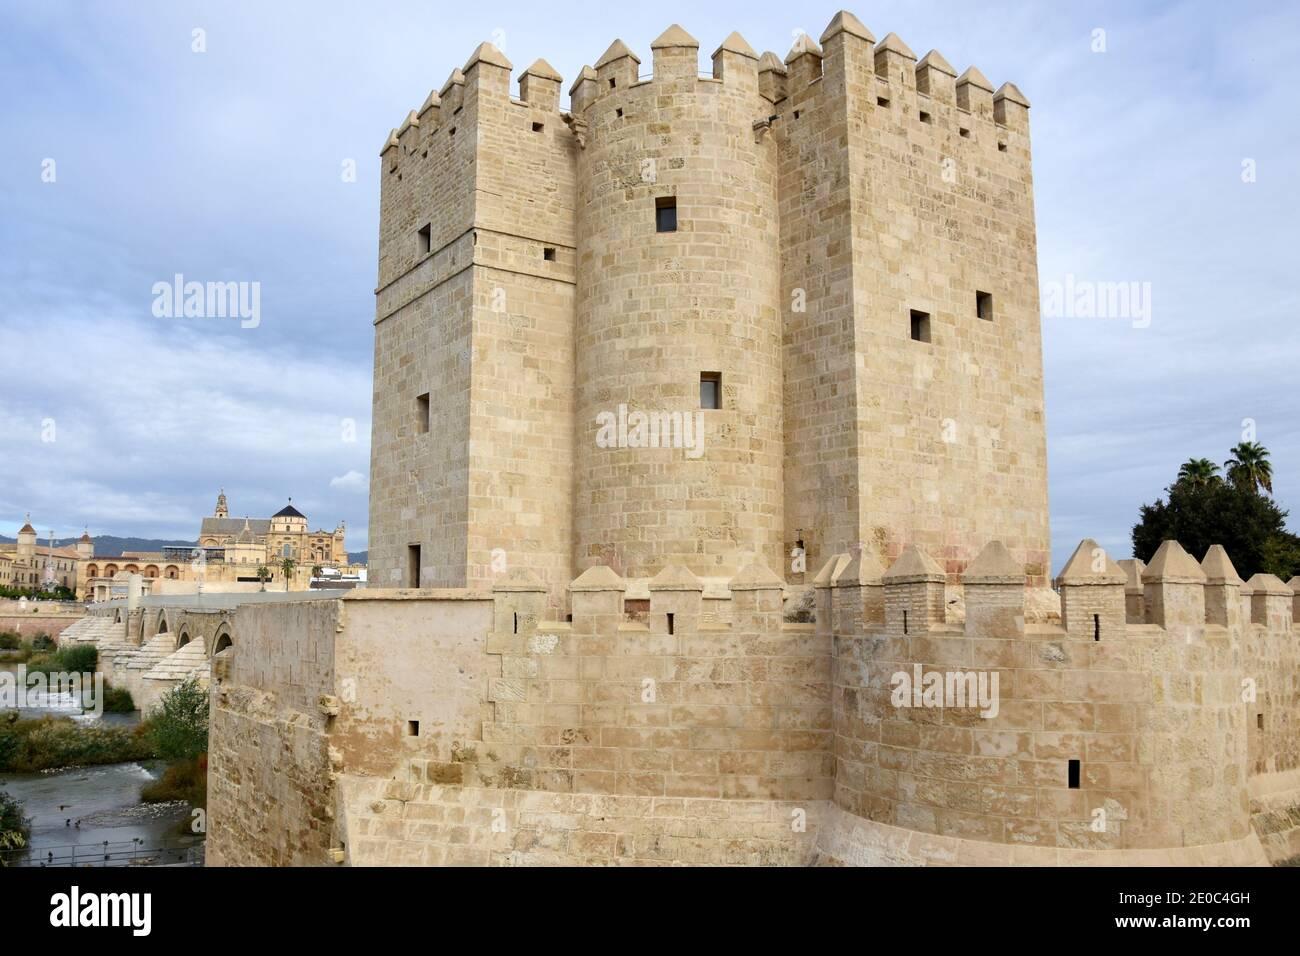 España, Córdoba, la torre de Calahorra es una puerta fortificada, construida en el siglo 12 para proteger el puente romano, fue declarada monumento histórico. Foto de stock